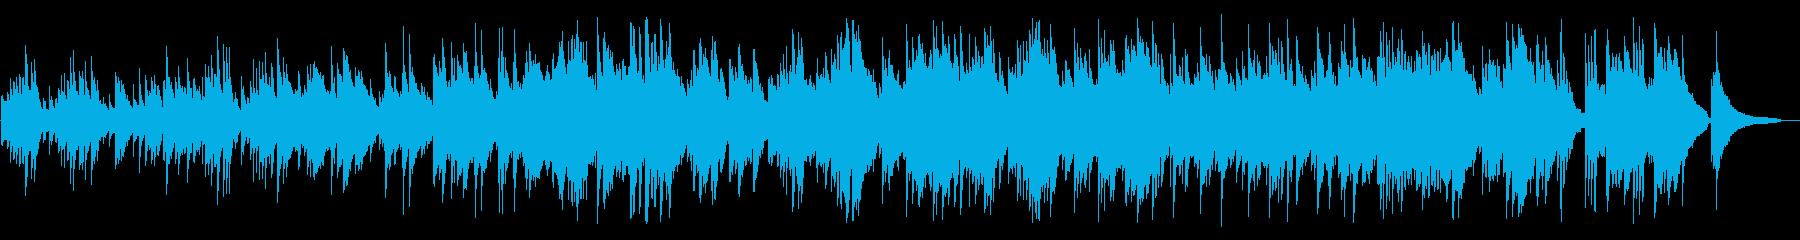 切なく、澄み切ったようなピアノBGMの再生済みの波形